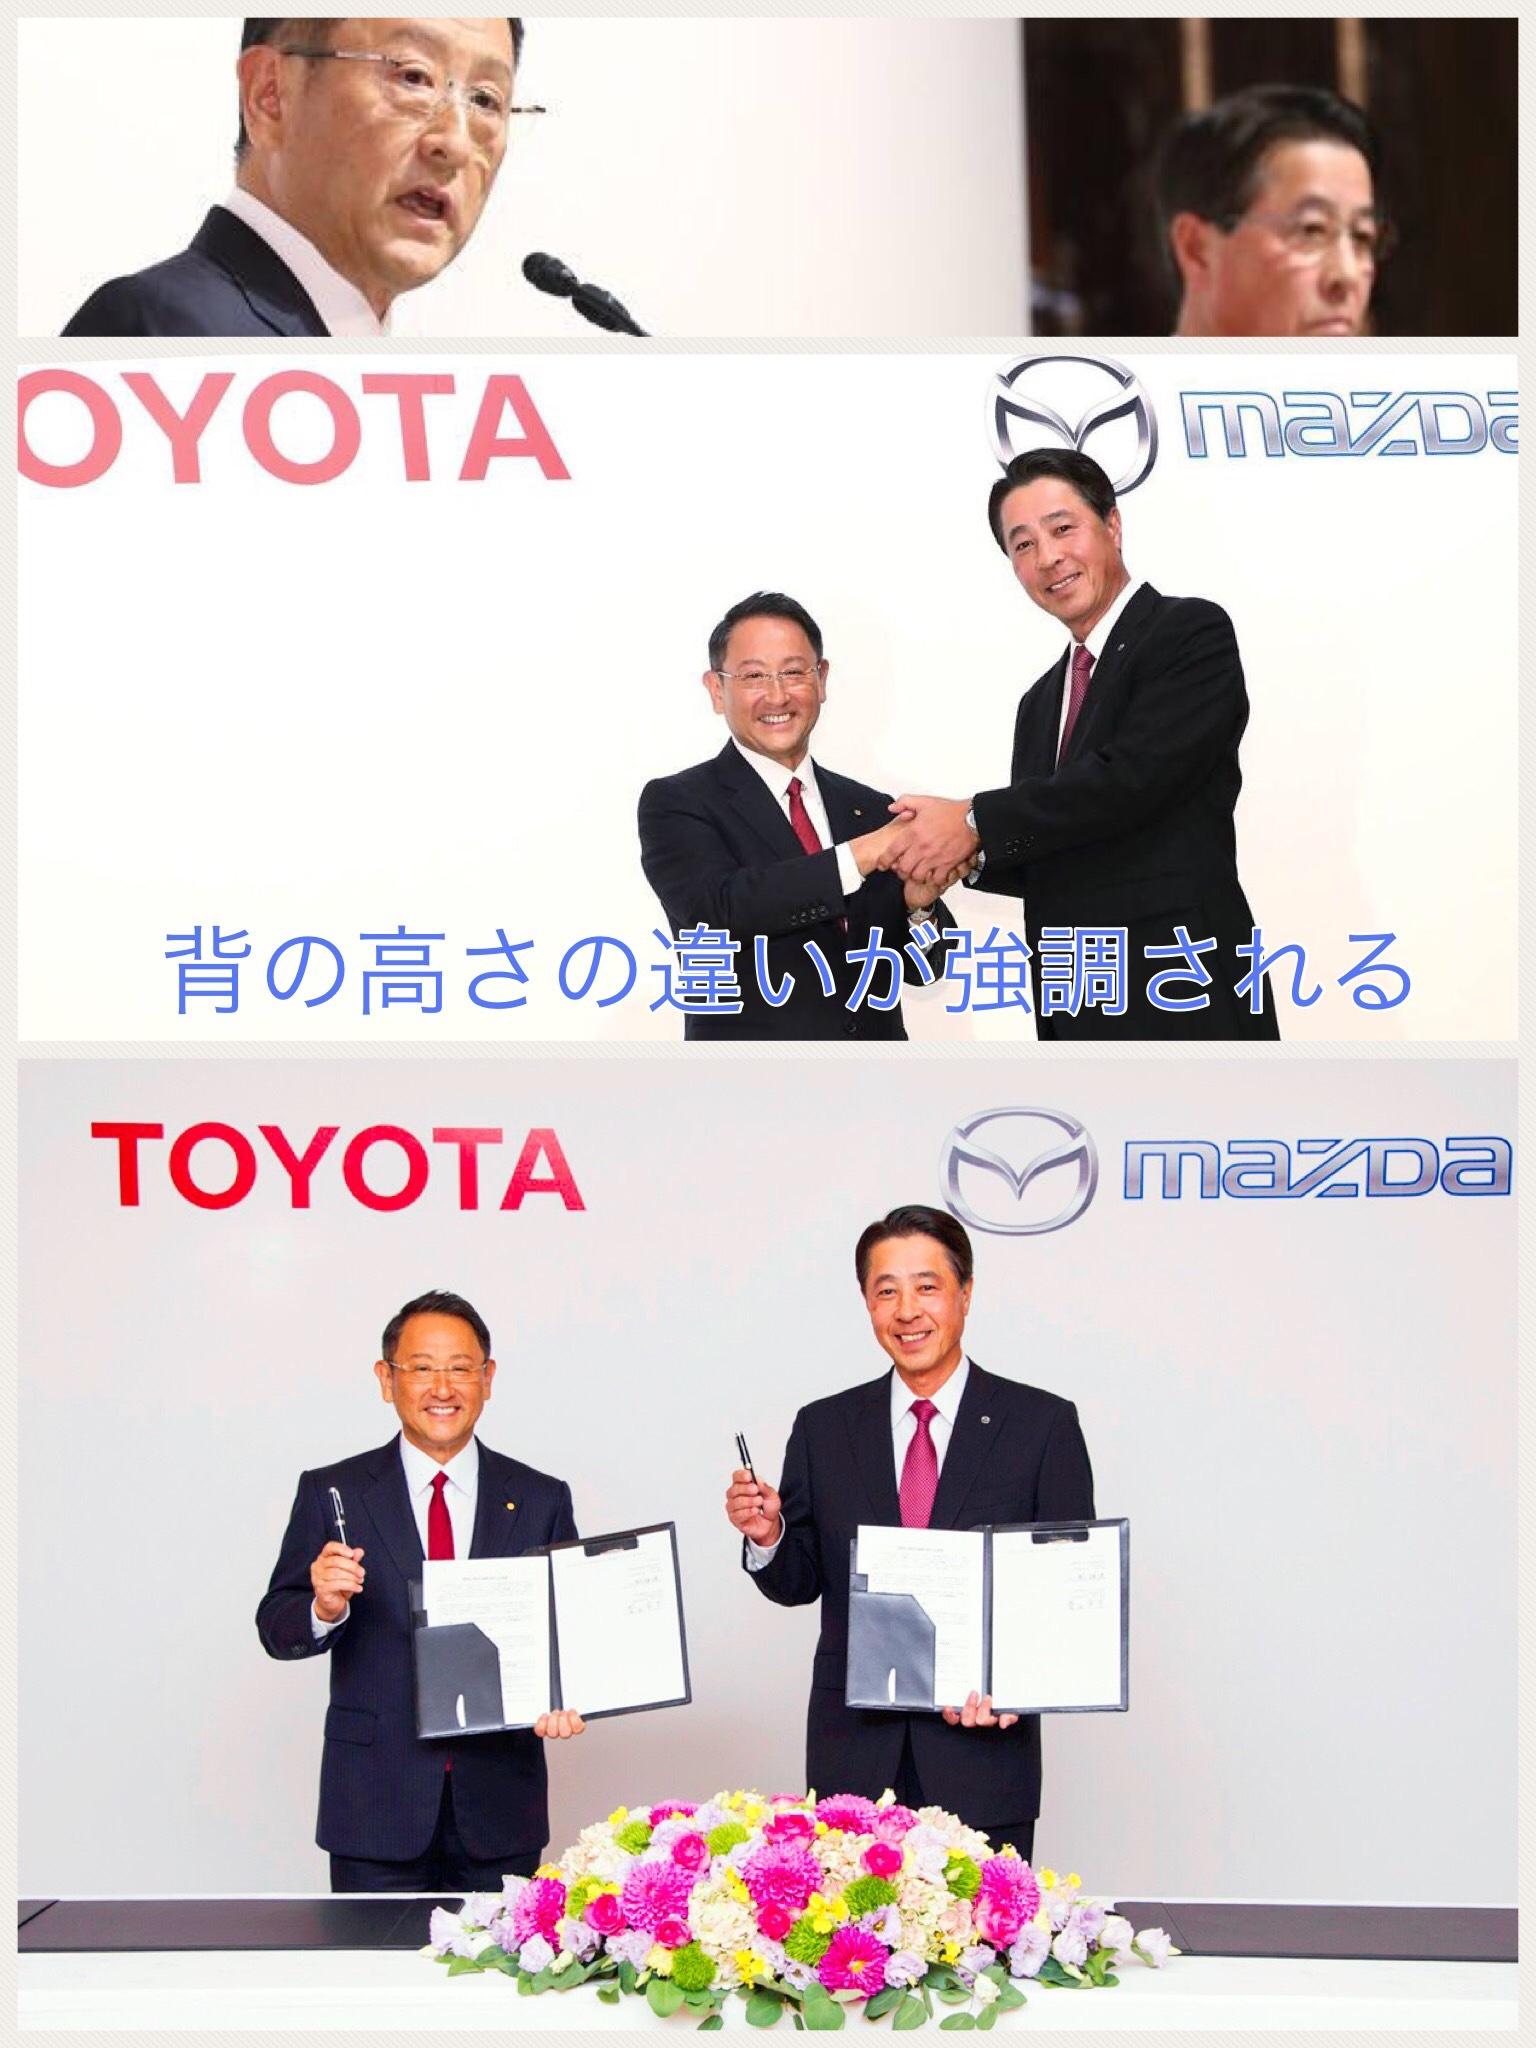 トヨタ マツダ資本提携